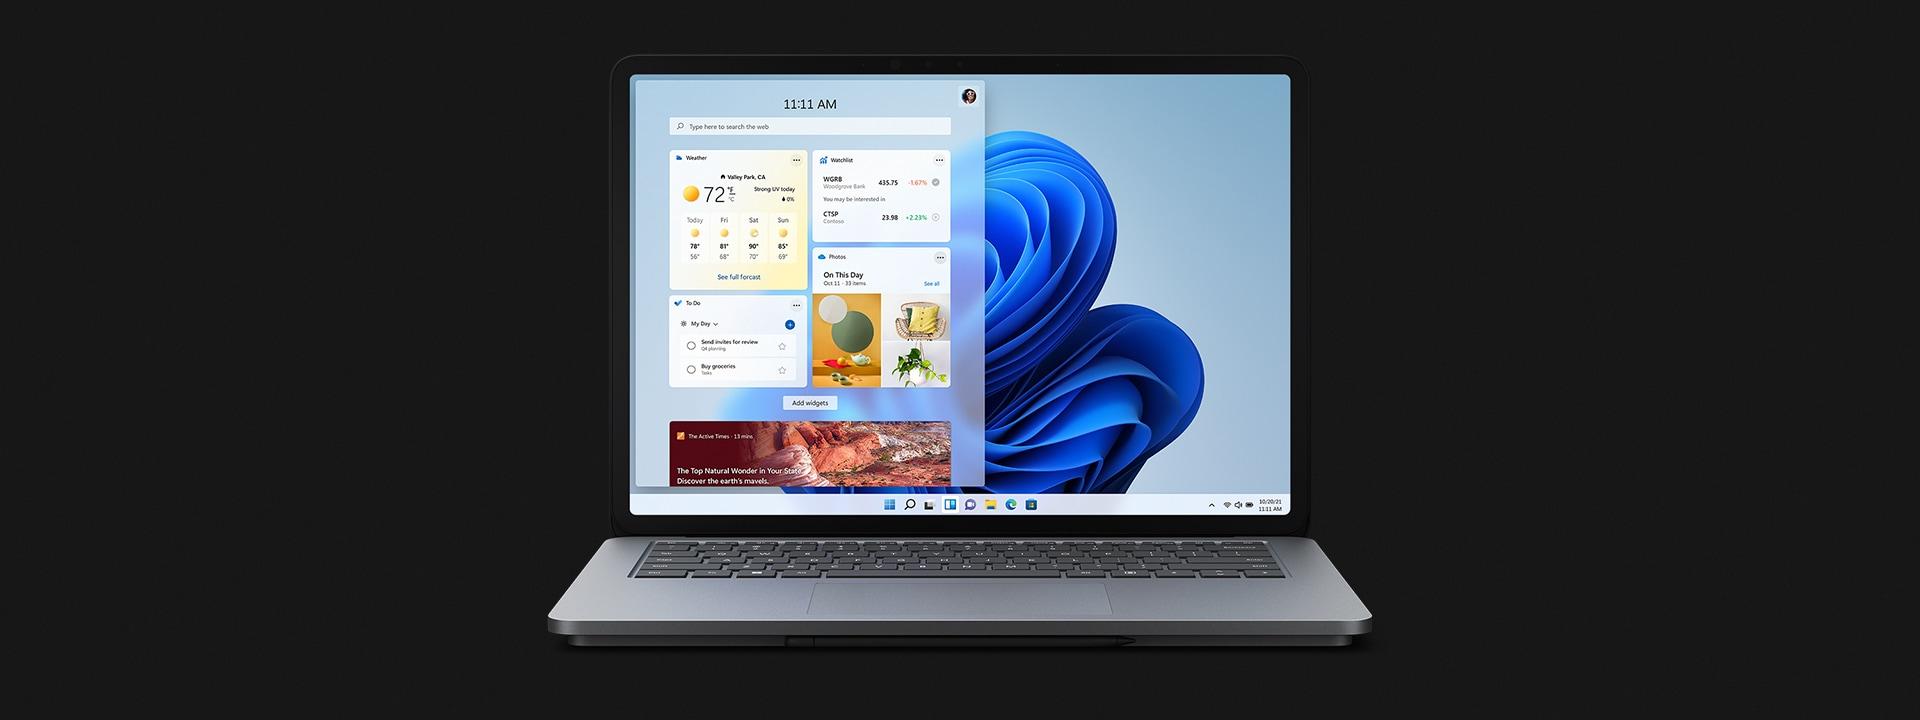 Surface Laptop Studio in laptop mode showcasing Windows 11.